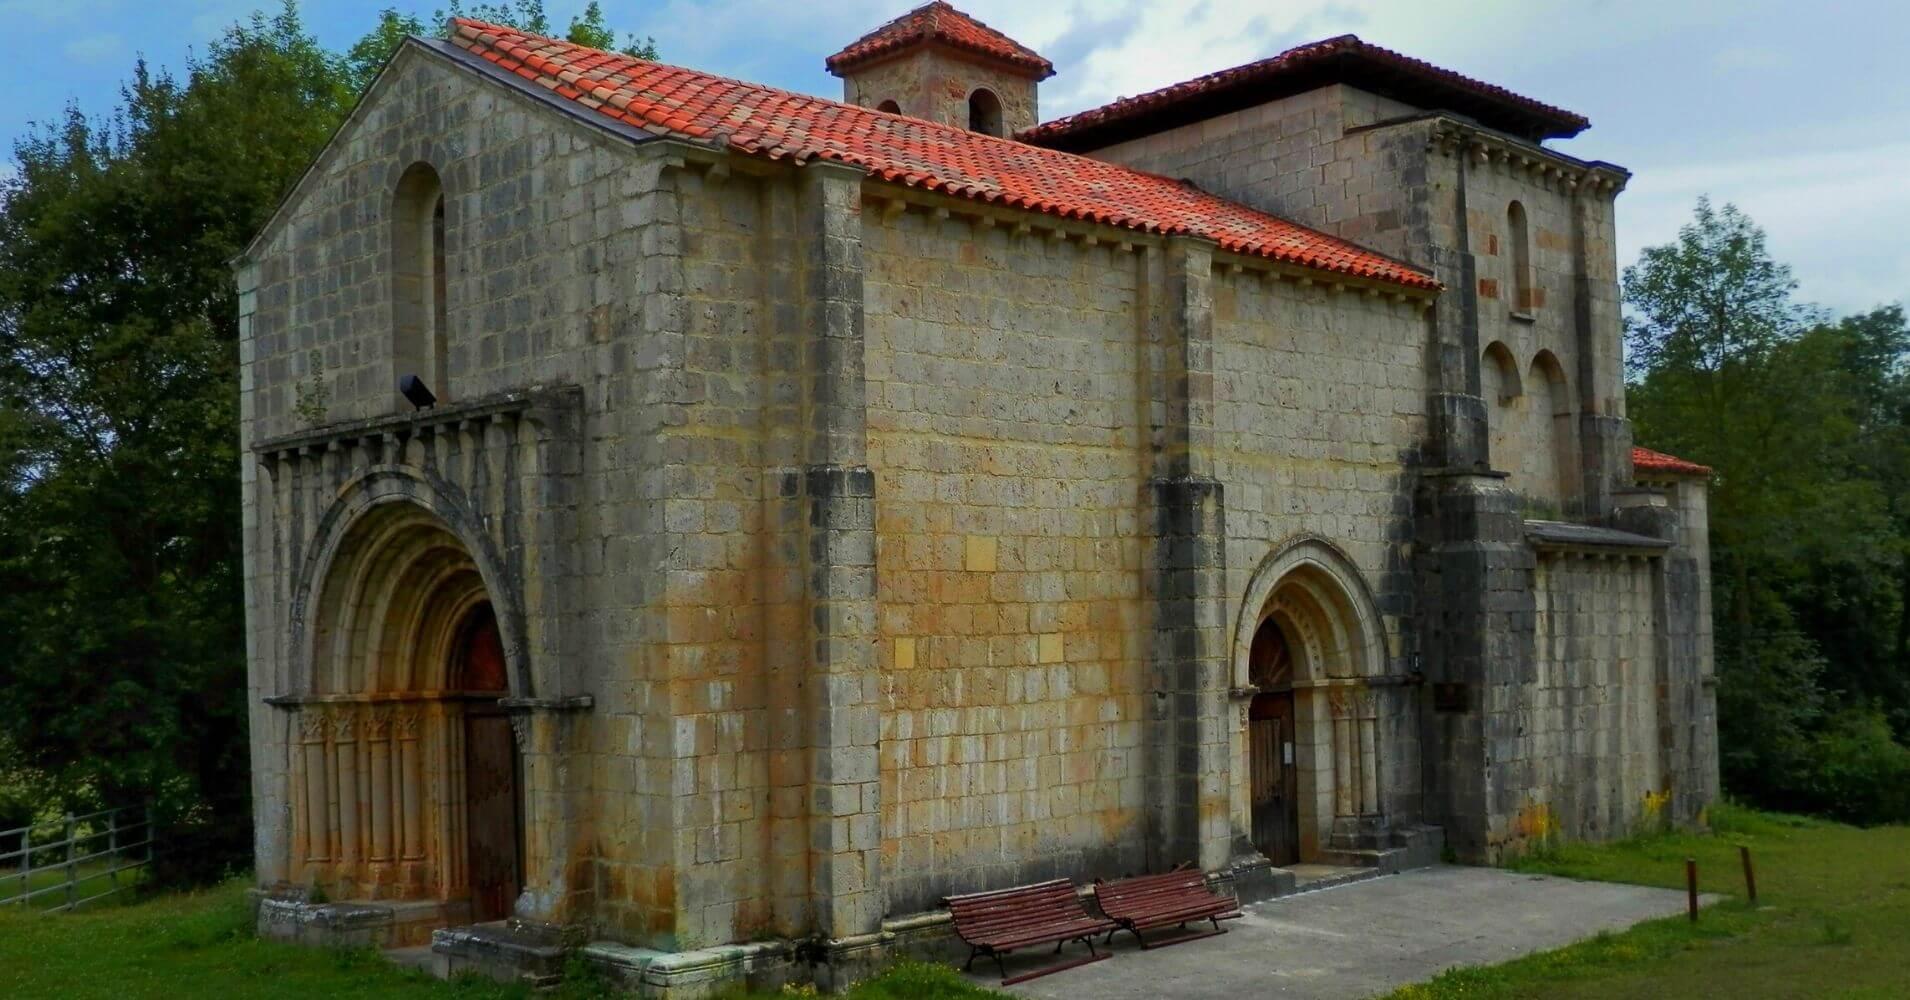 Iglesia Románica de Santa María de Siones. Expreso de la Robla. Valle de Mena. Burgos, Castilla y León.